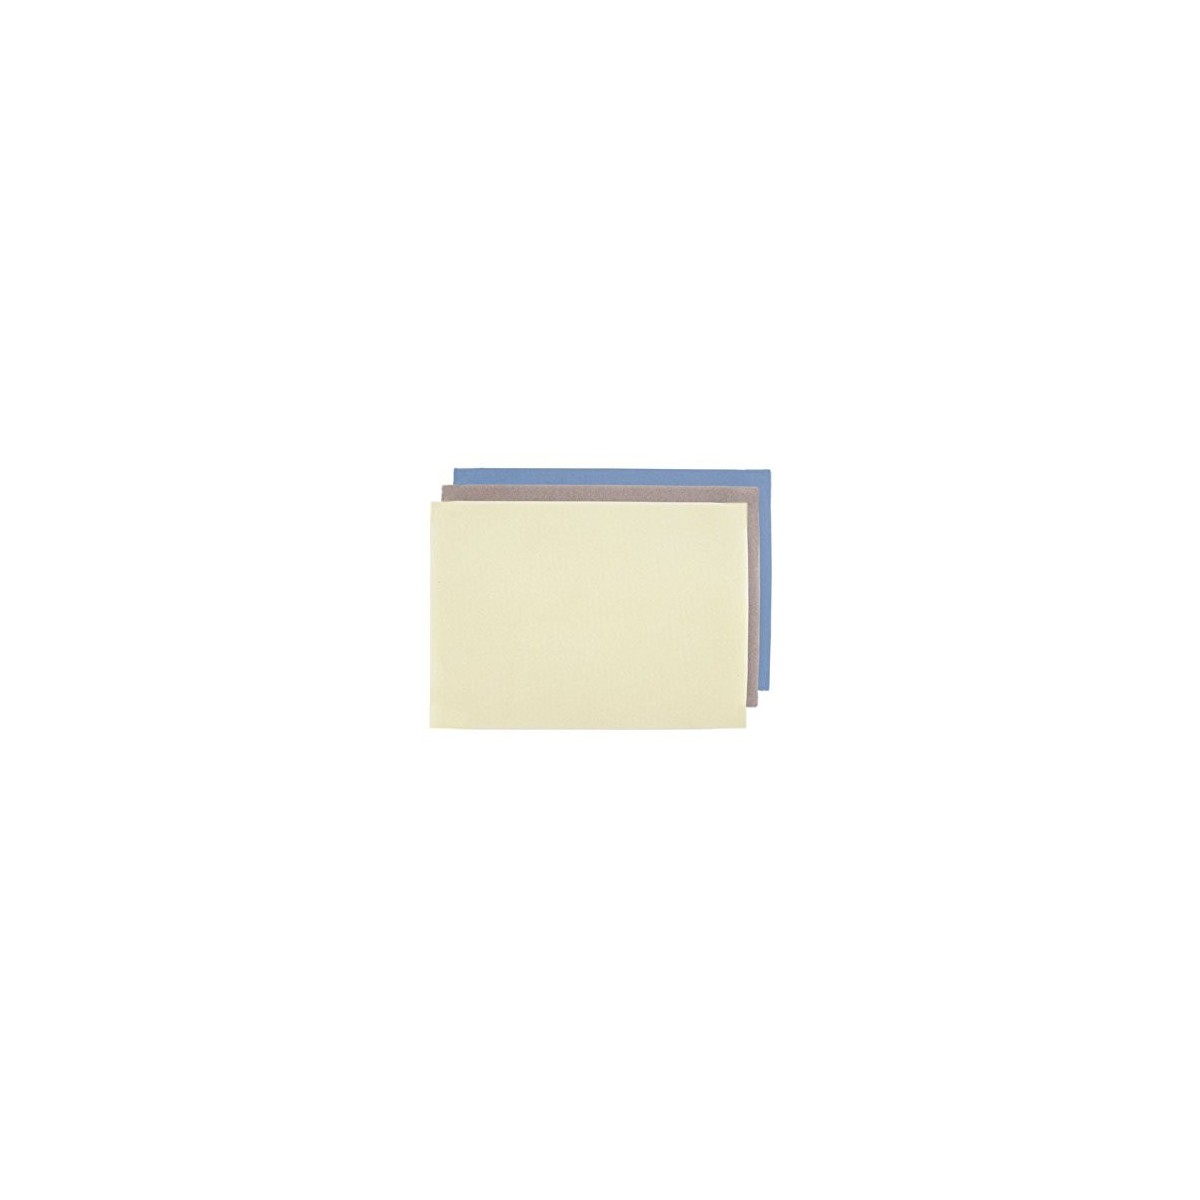 Bead Mat 2pcs Set 11x14